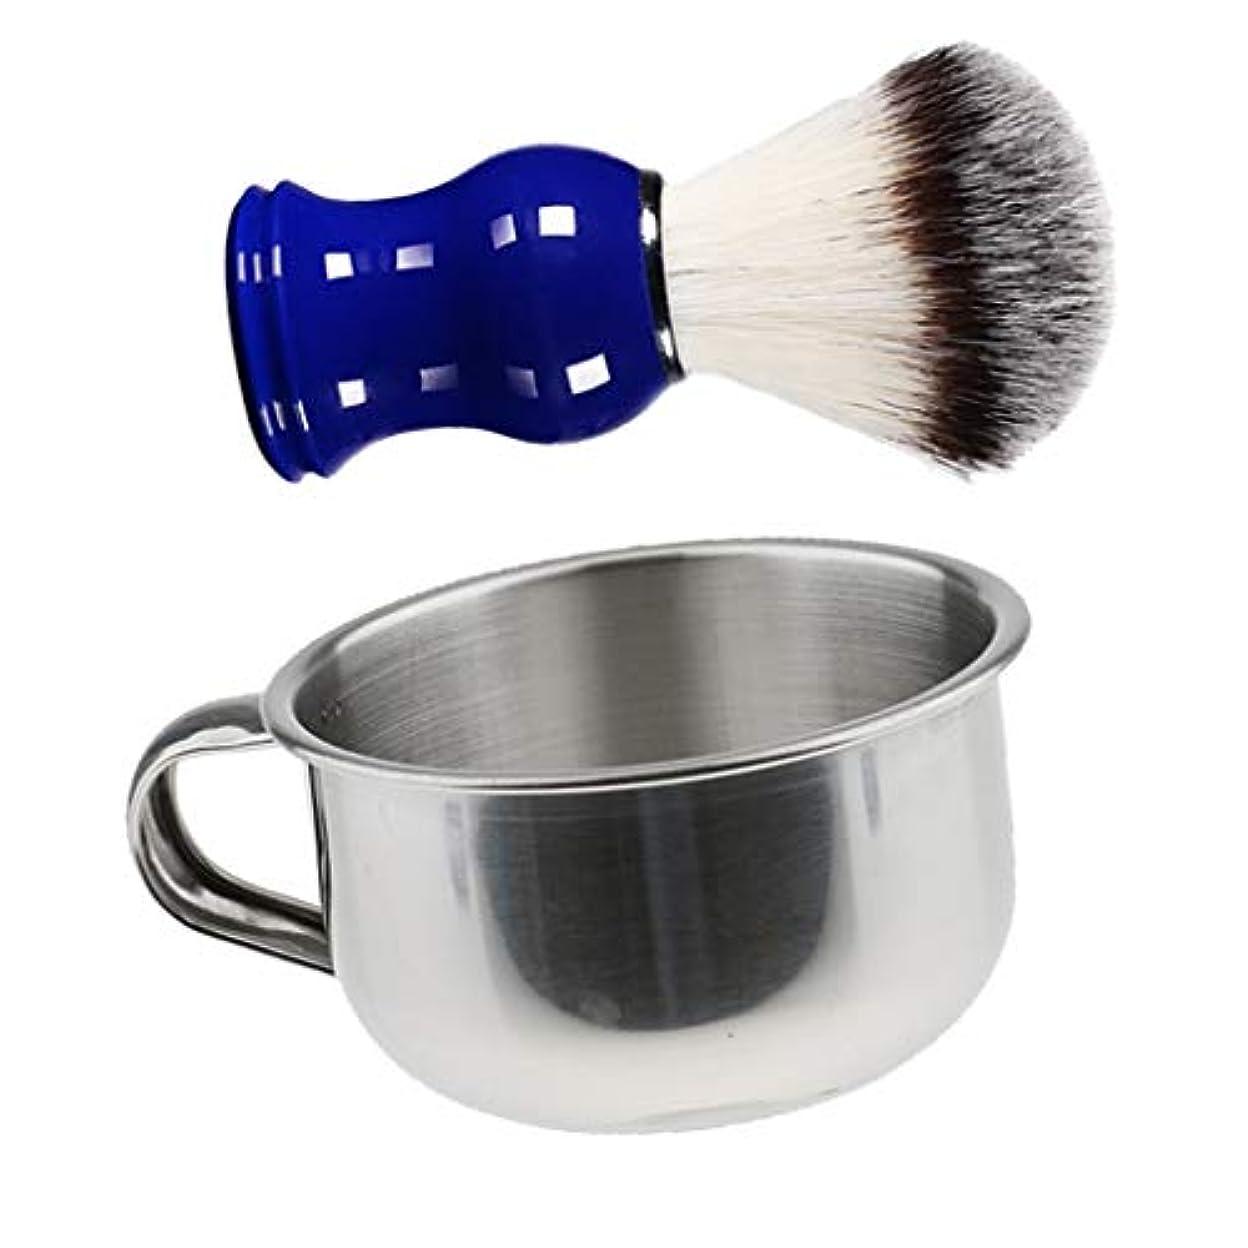 Baoblaze シェービングブラシセット ステンレス製シェービングボウル メンズ 理容 洗顔 髭剃り 泡立ち 実用的